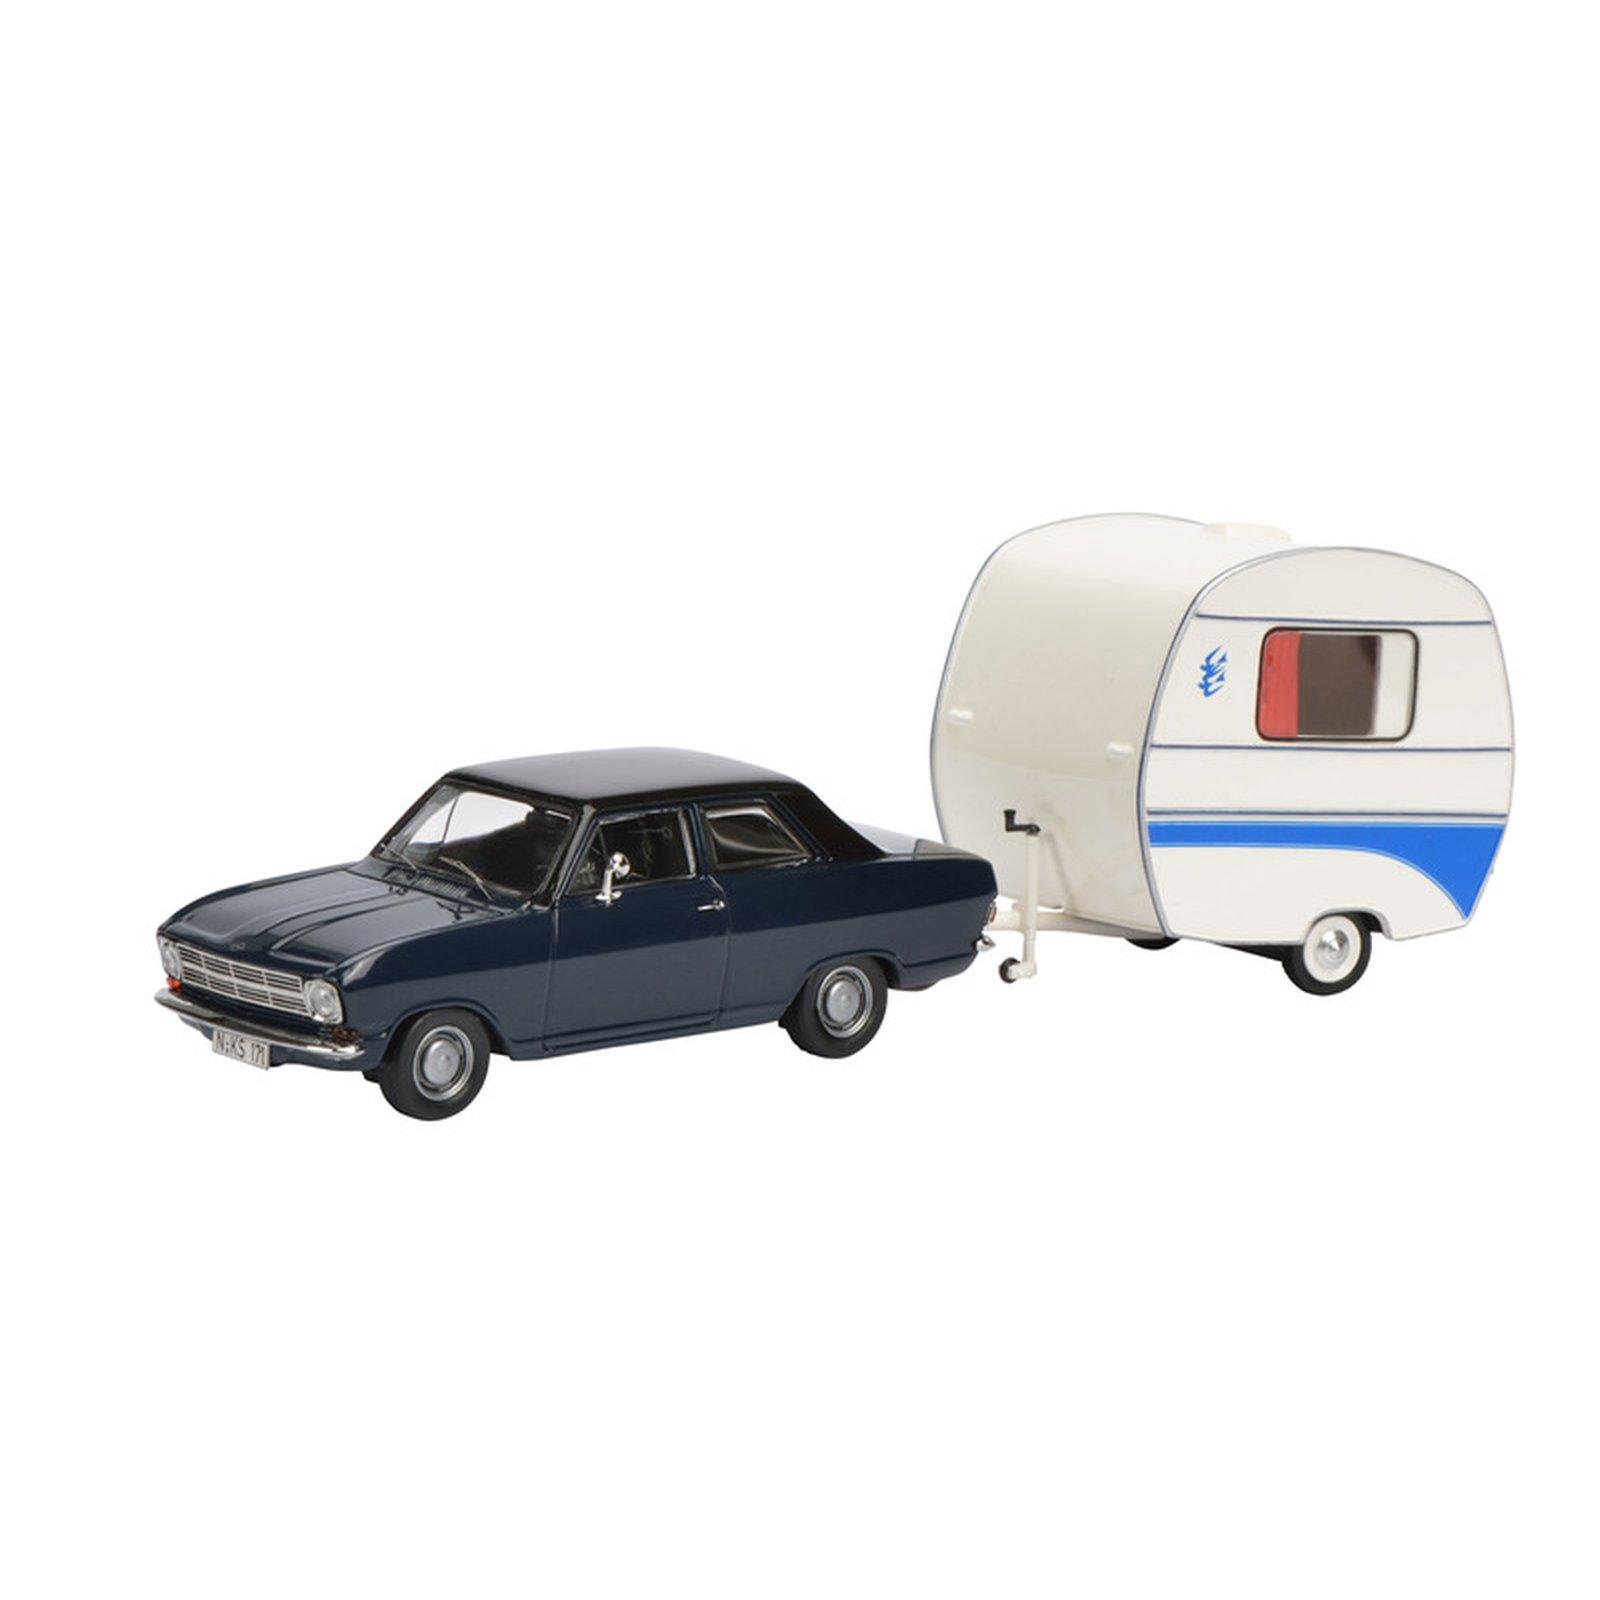 schuco 450294700 opel kadett b mit anh nger massstab 1 43. Black Bedroom Furniture Sets. Home Design Ideas